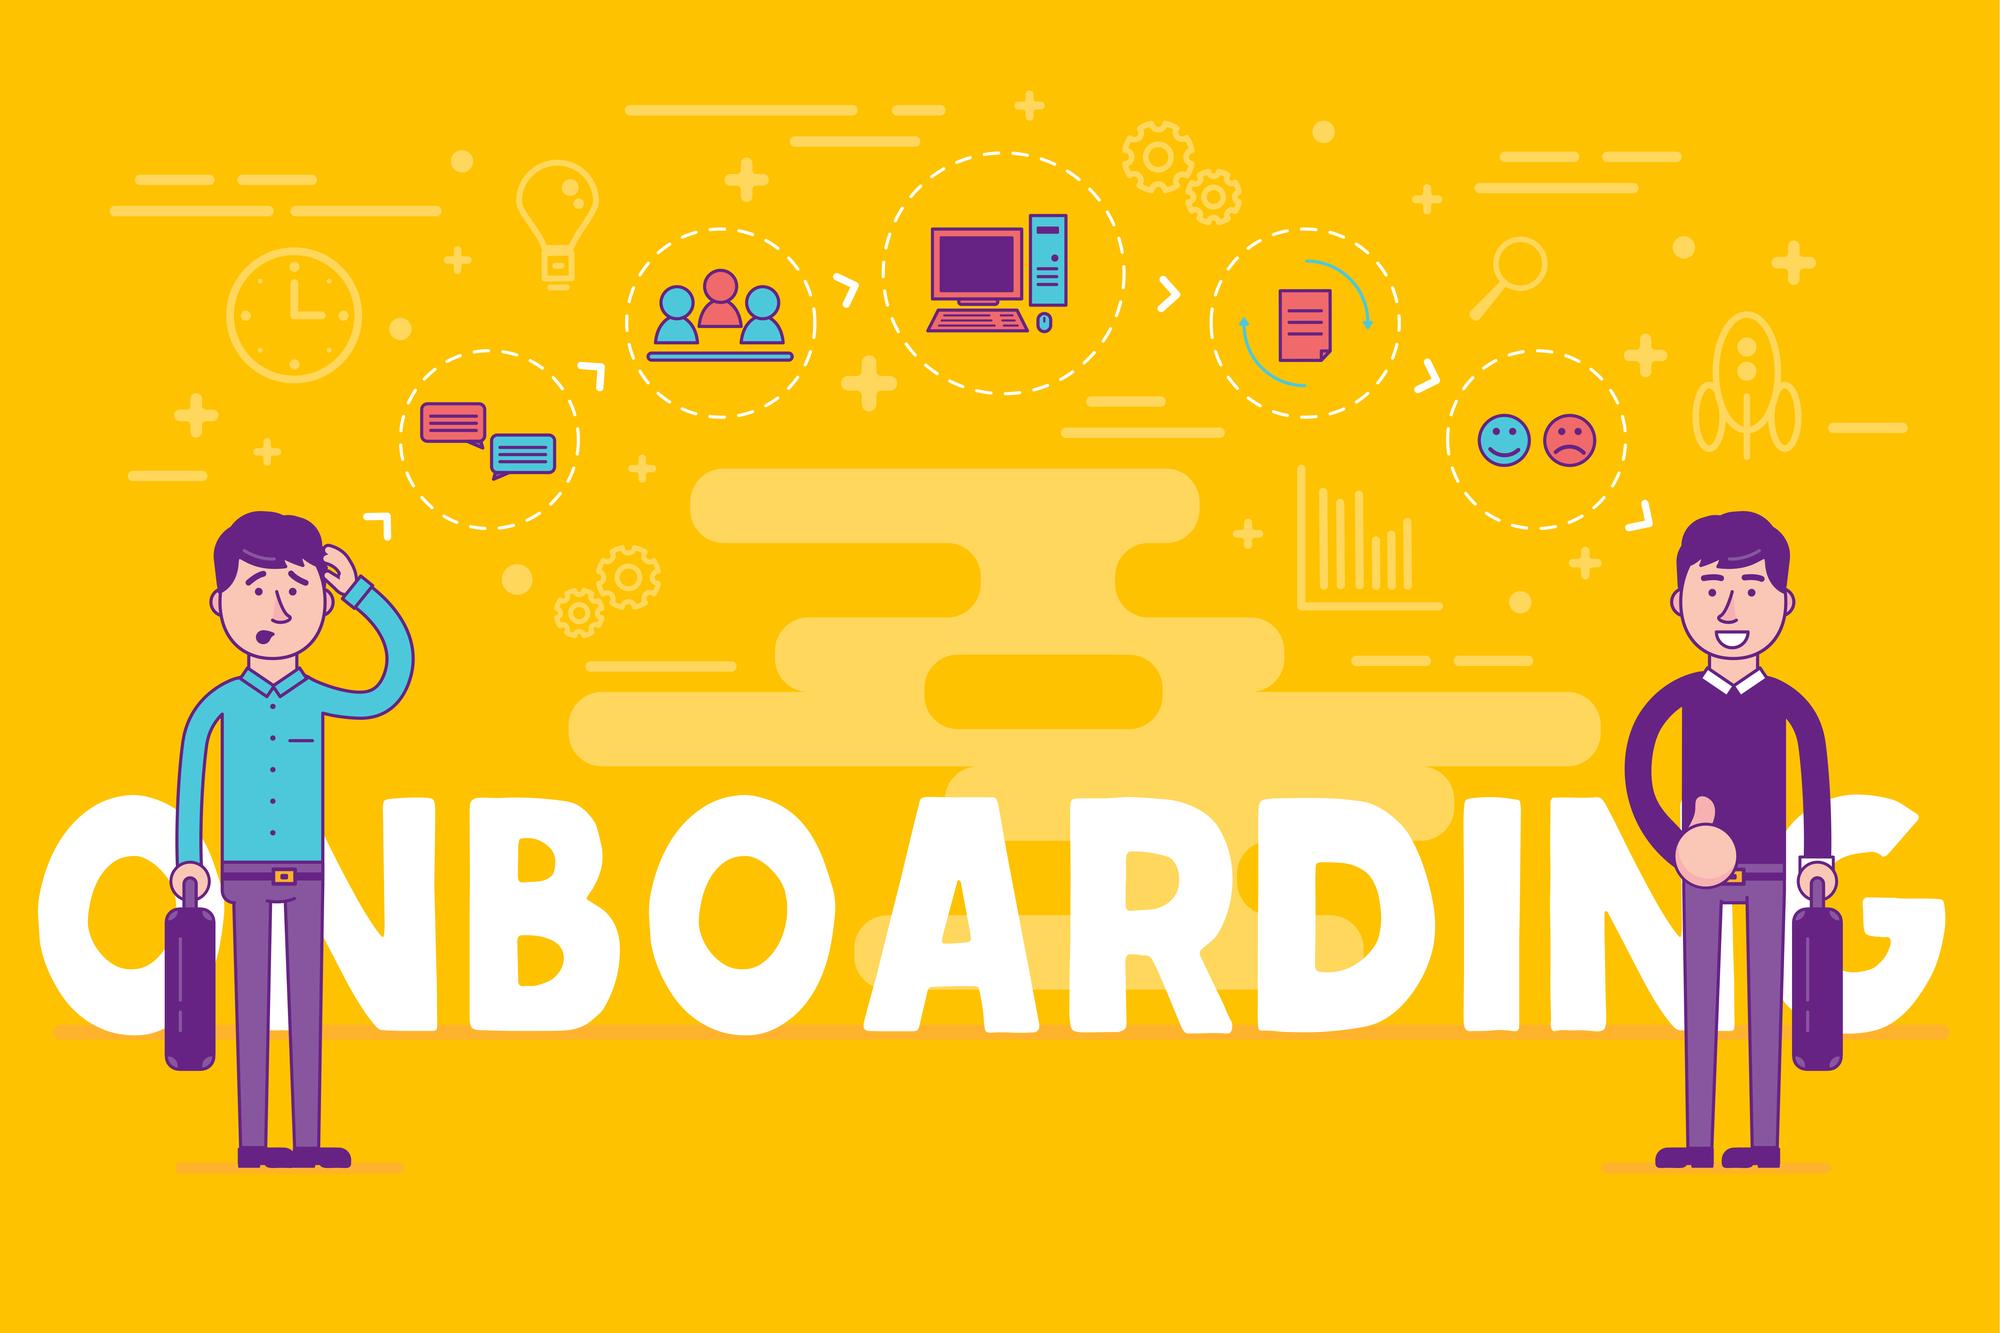 Automatización Robótica de Procesos (RPA) & Incorporacion nuevo empleado (Onboarding)